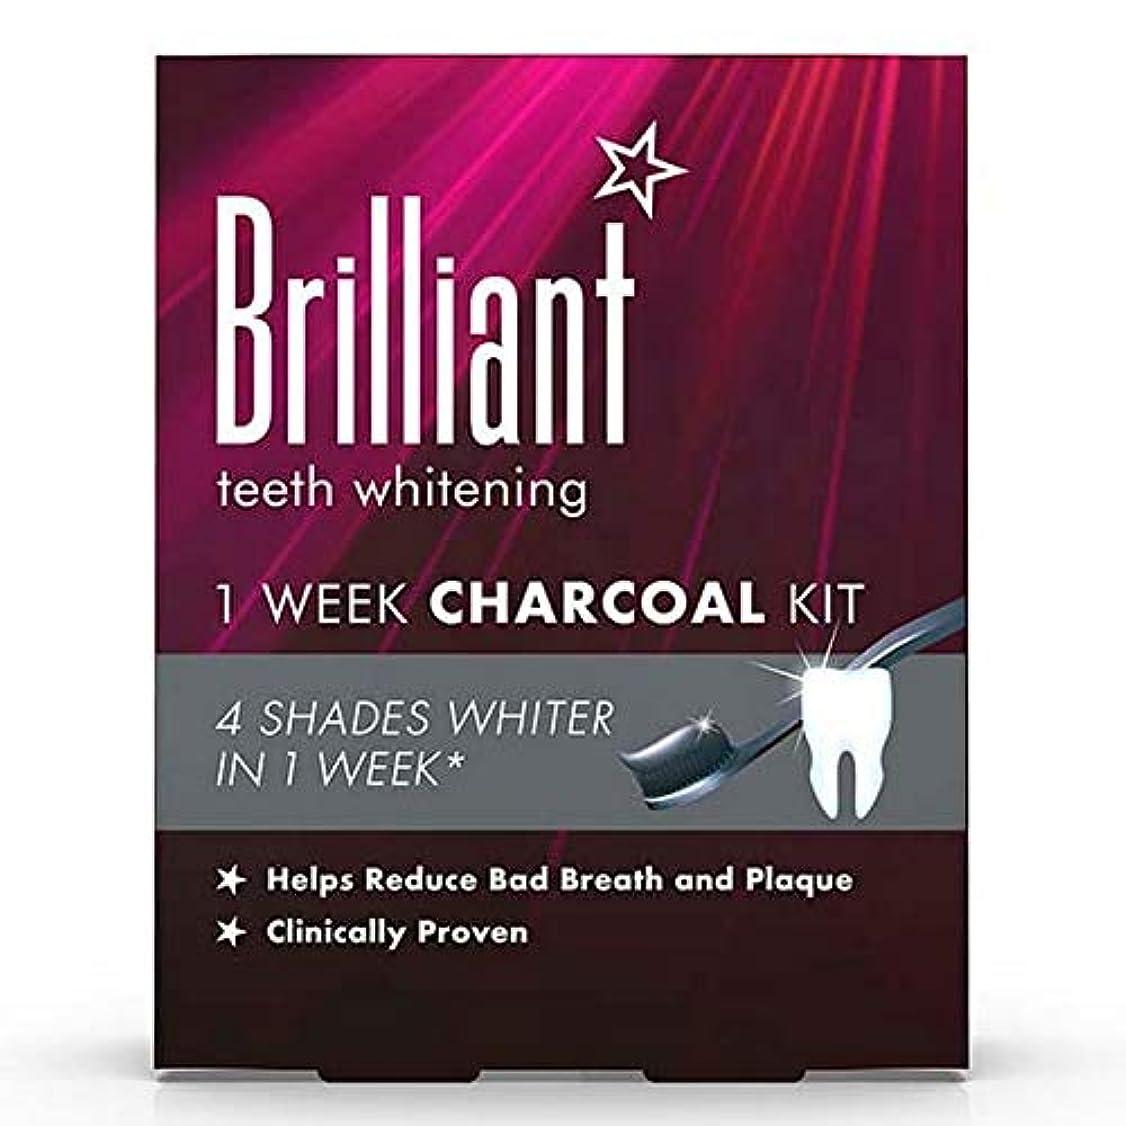 進捗クスコ派手[Brilliant ] 華麗なホワイトニング1週間木炭キット - Brilliant Whitening 1 Week Charcoal Kit [並行輸入品]